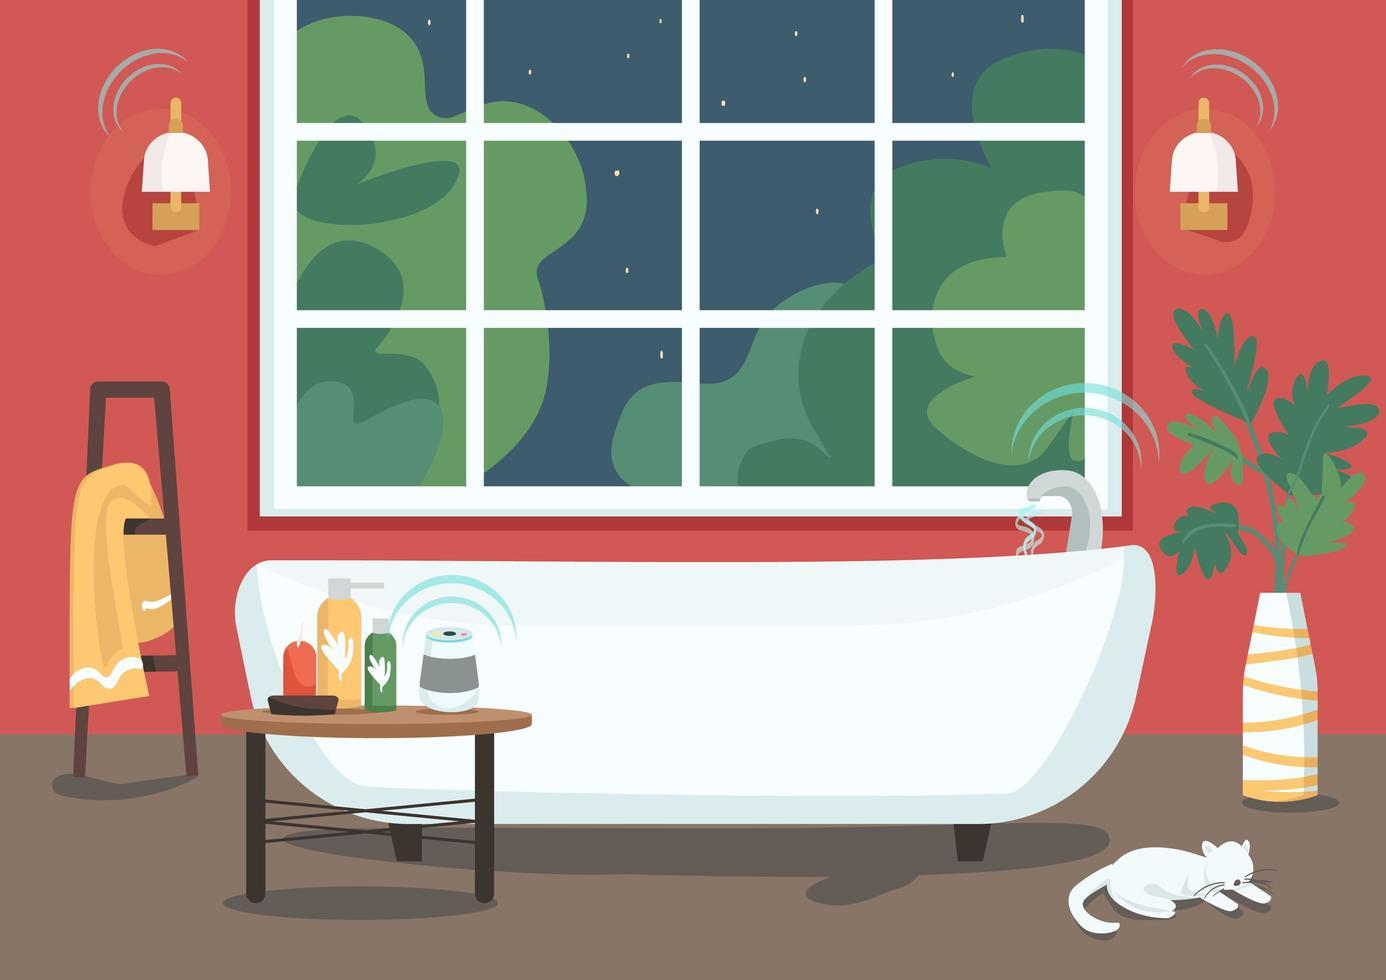 banheira inteligente com fluxo de água remoto vetor